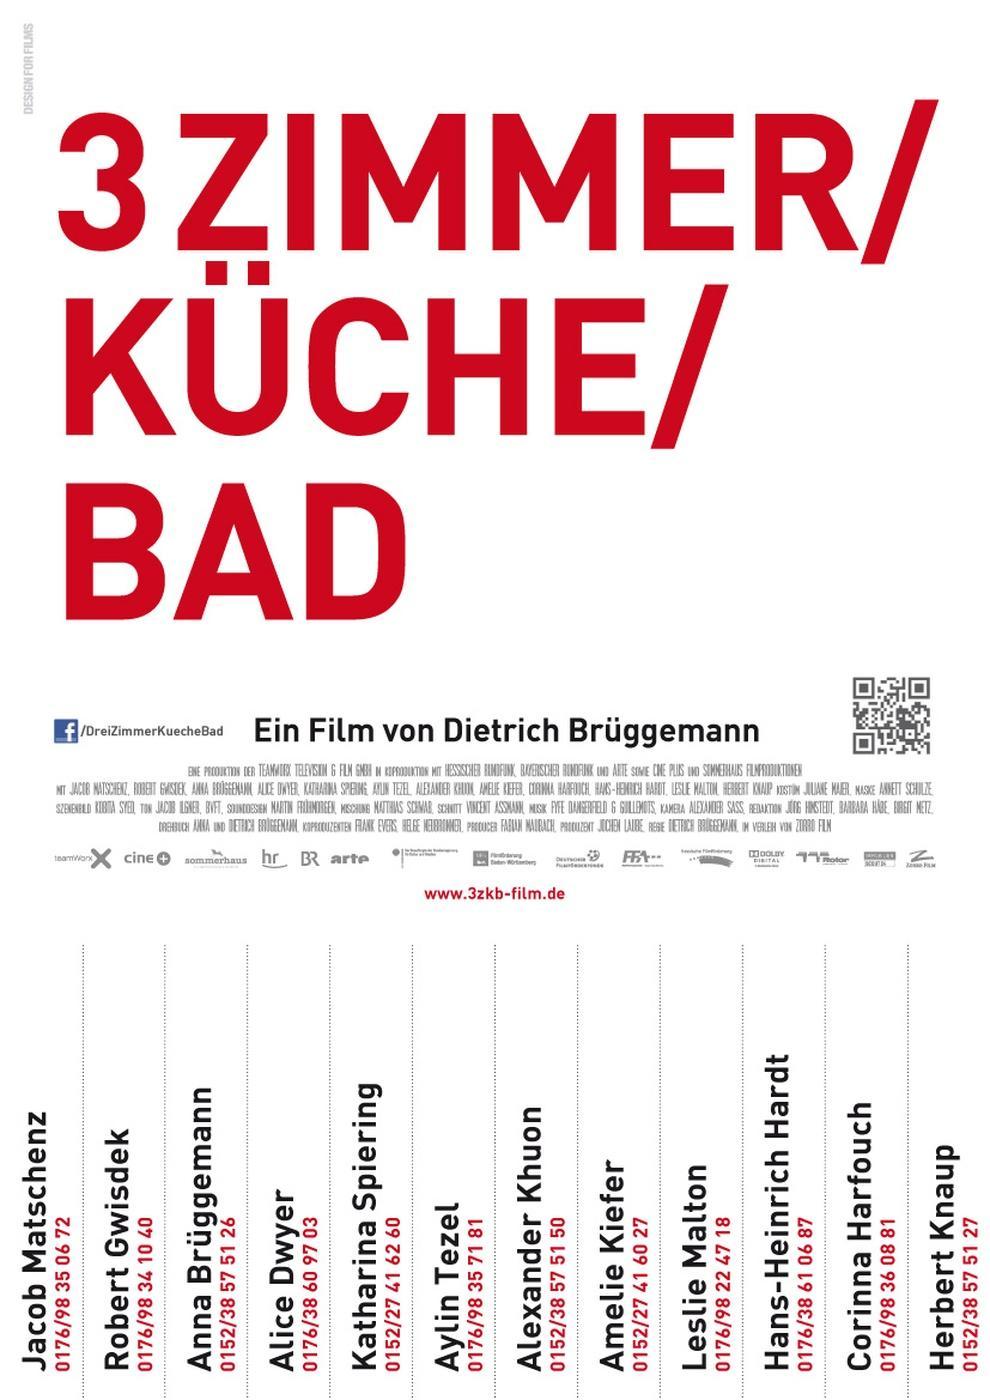 3 Zimmer/ Küche/ Bad (Poster)